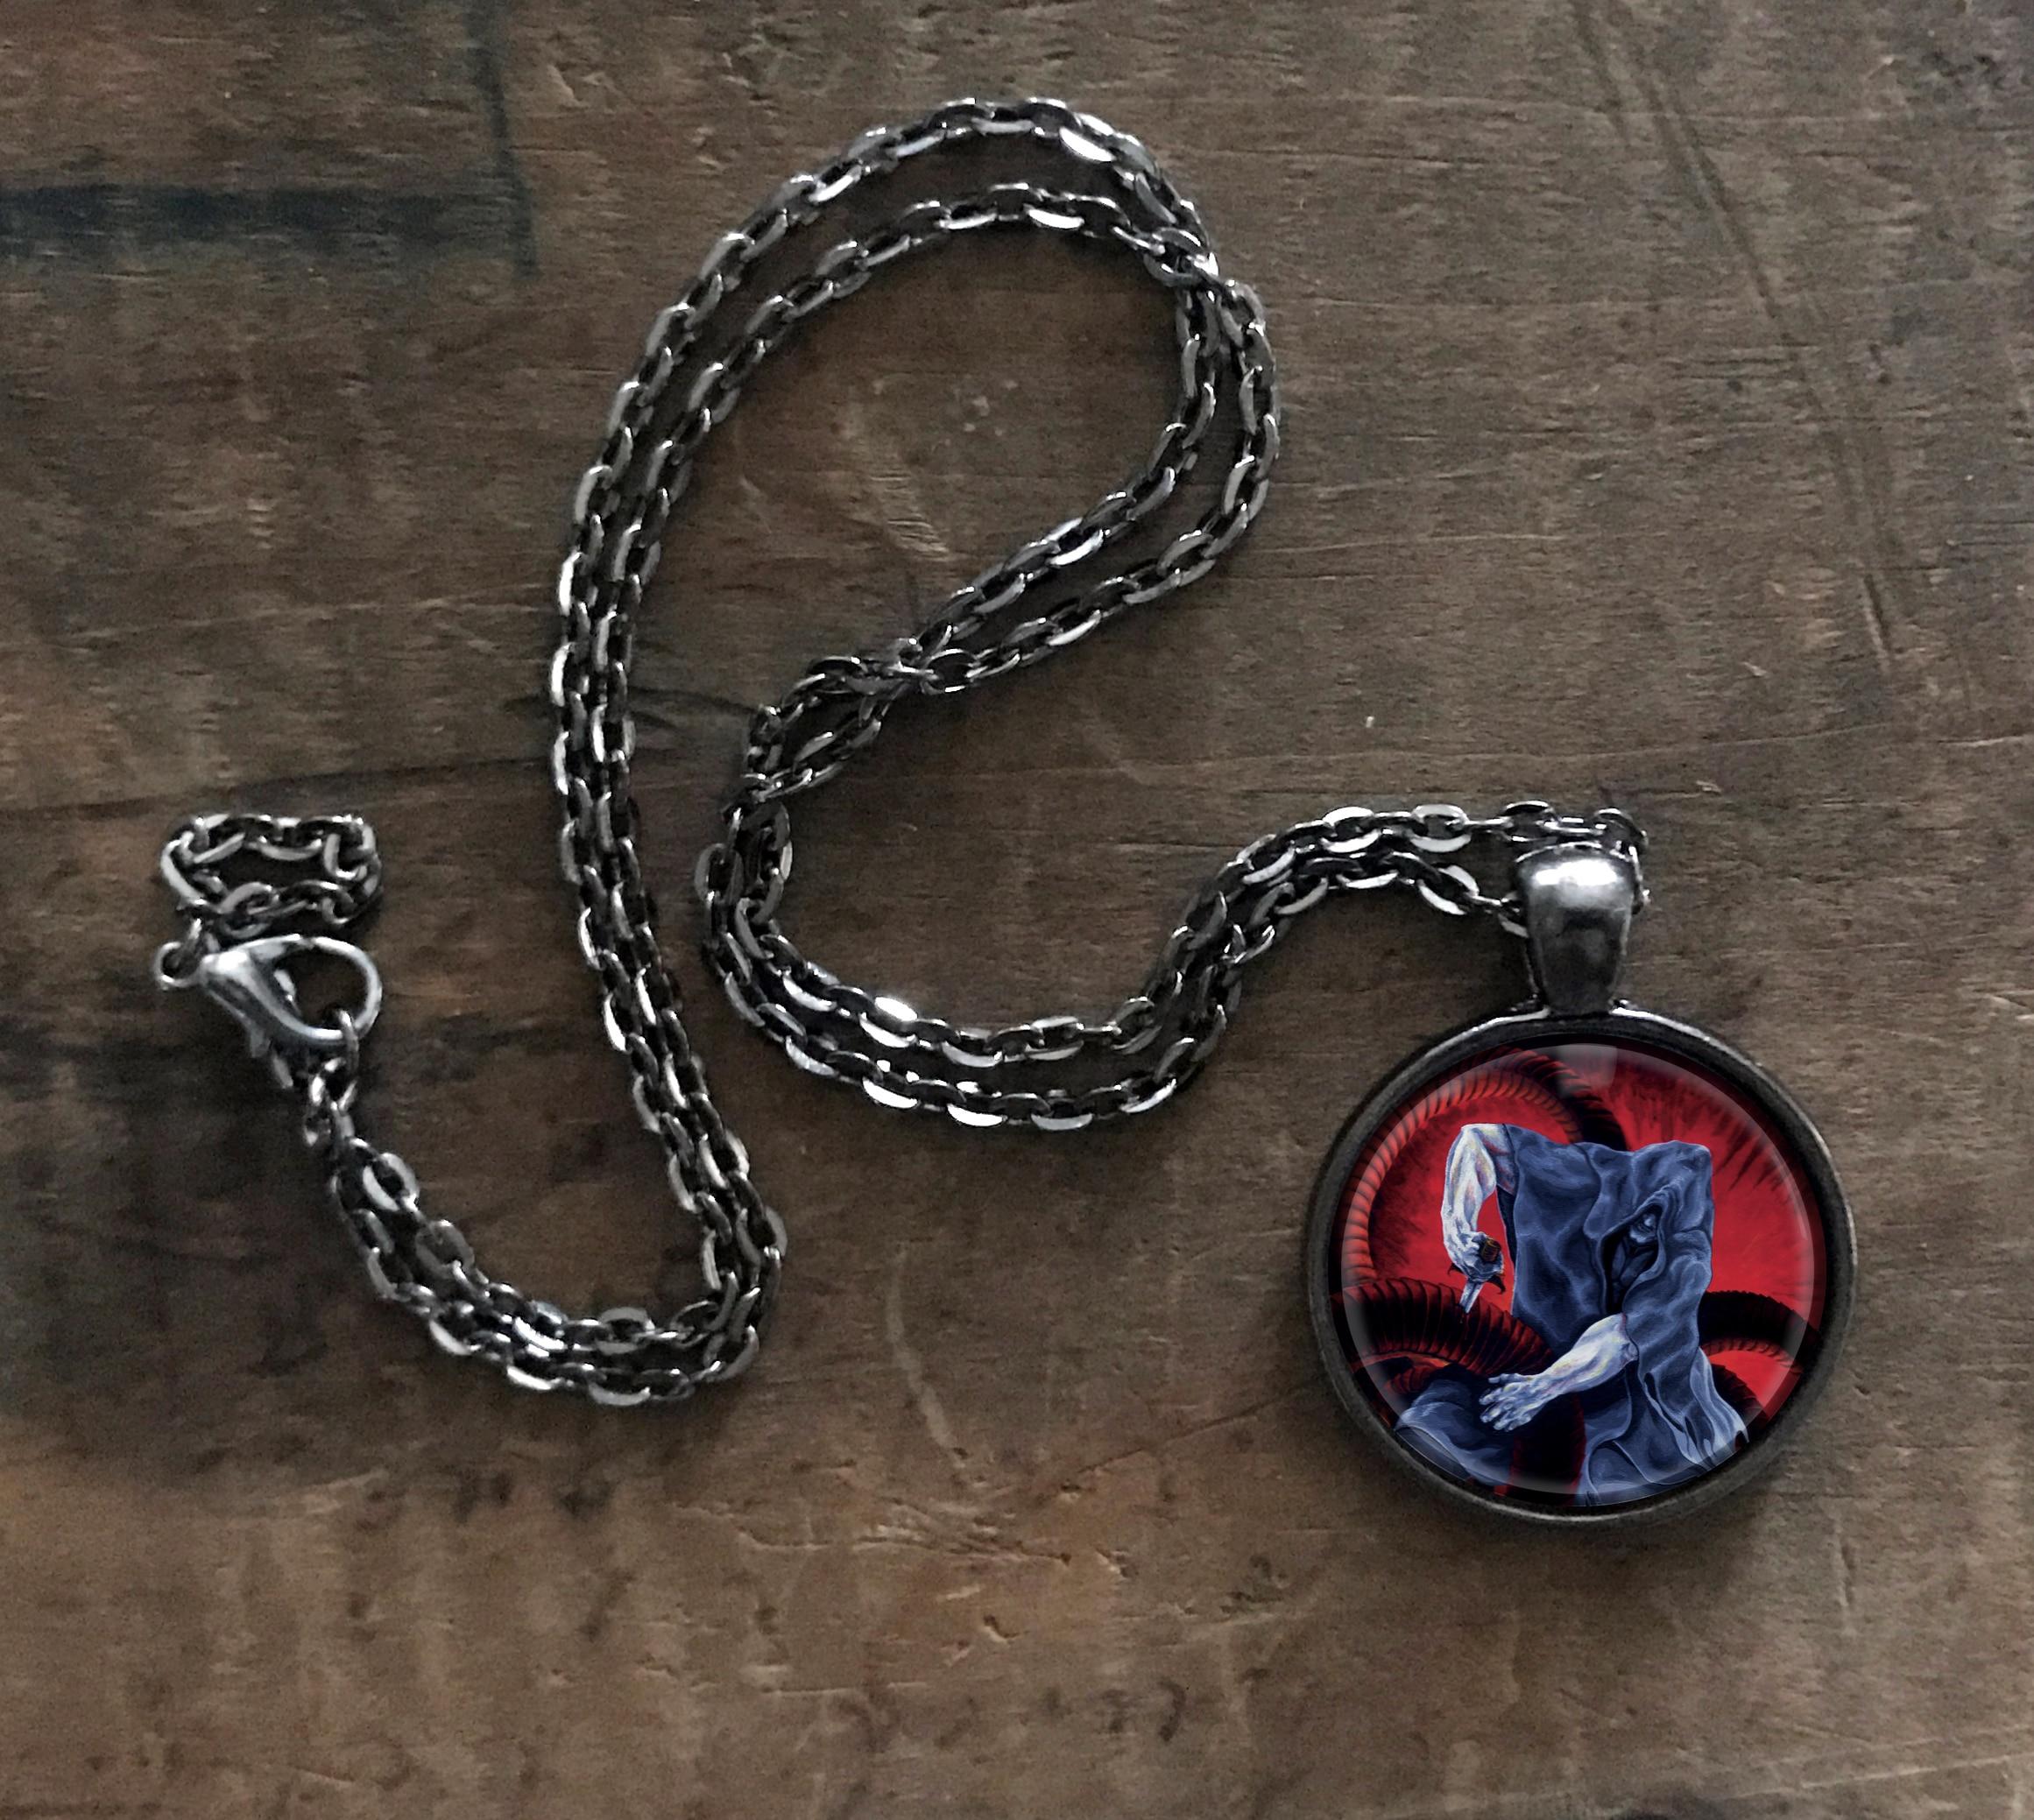 Hero Battling Serpent Pendant Necklace